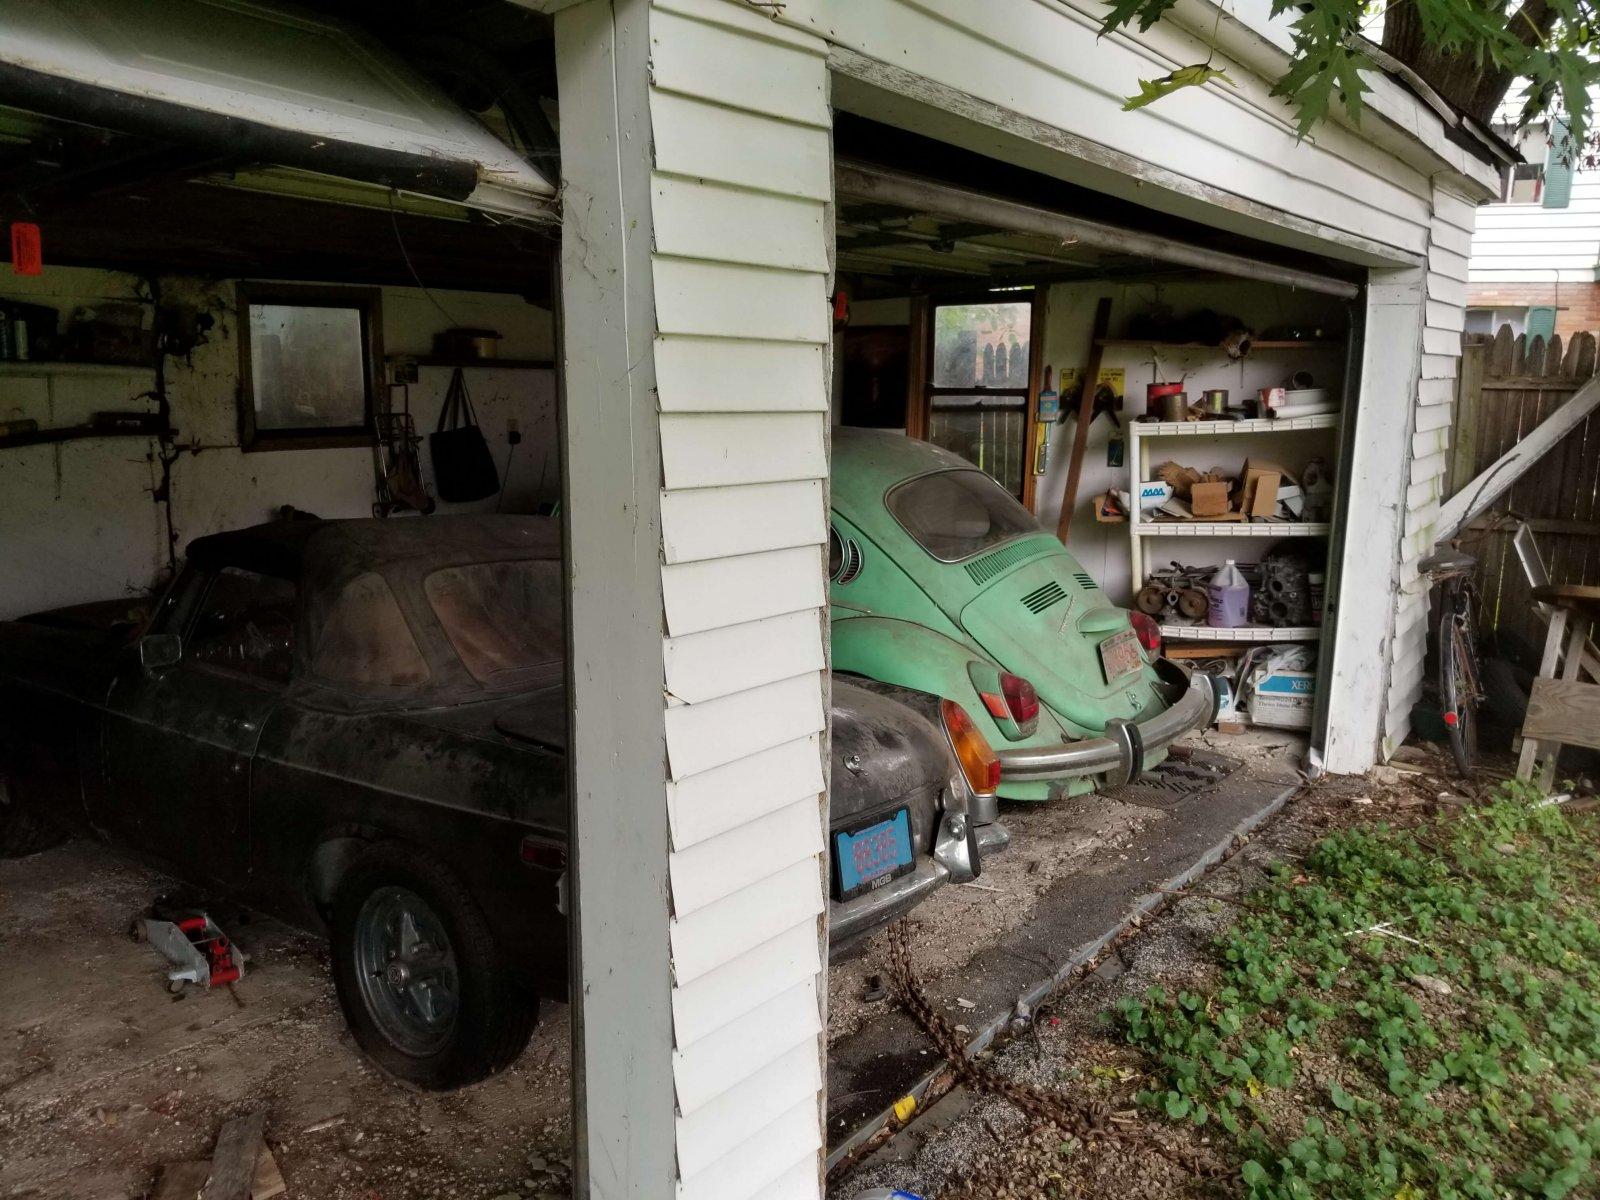 Mayer Ave Madison Back Garage Before Rehab